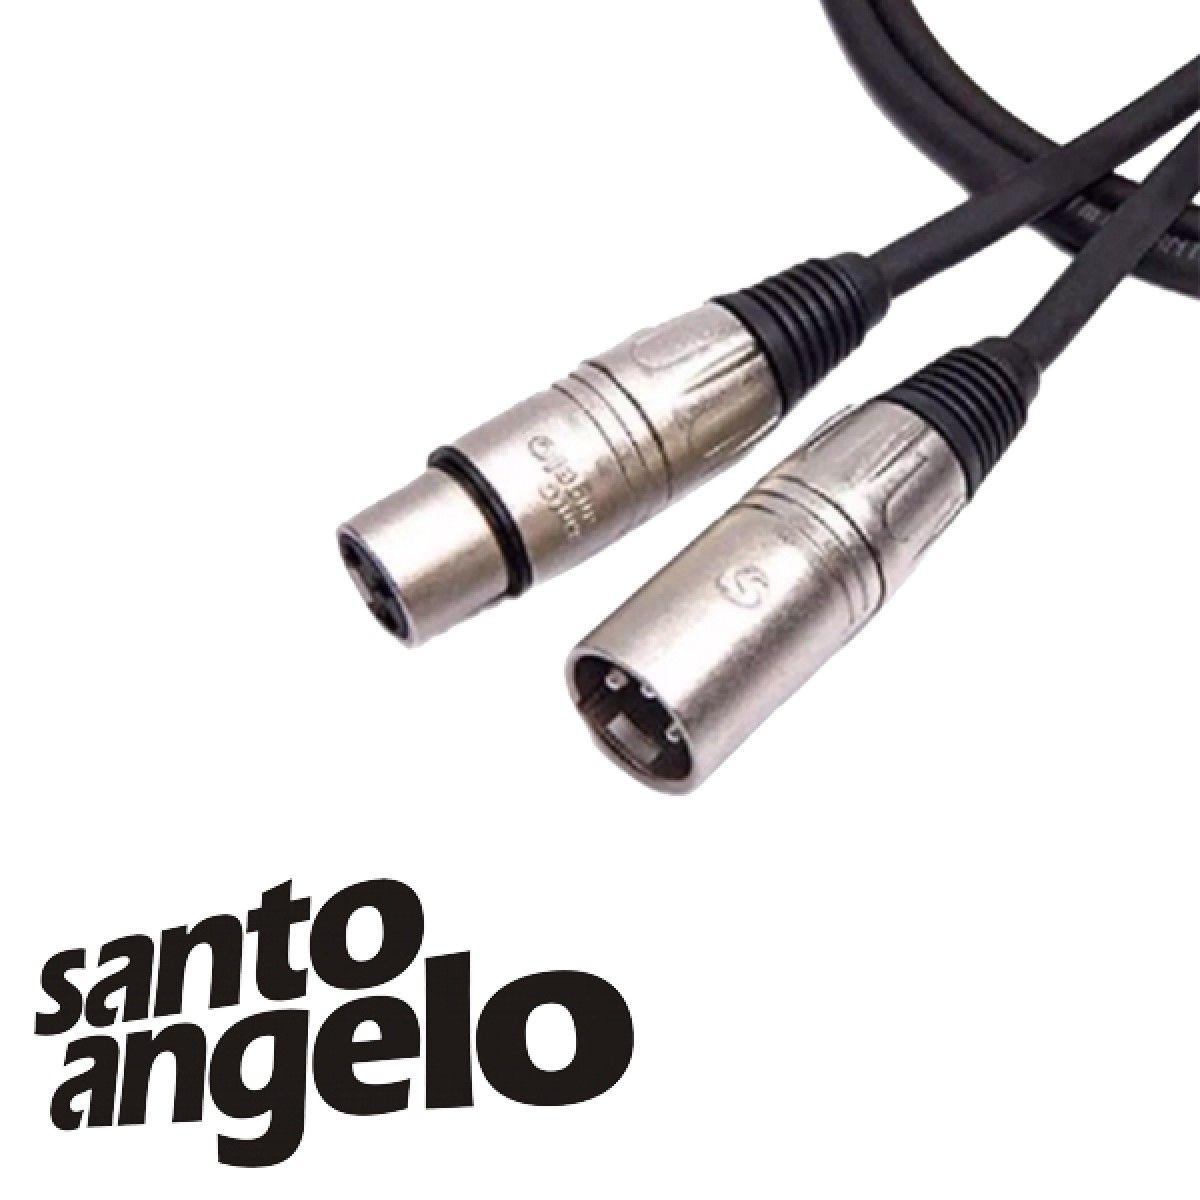 Cabo de Microfone Santo Angelo Canon Balanceado Xlr + Xlr 10 Metros (Montado)  - RS Som e Luz!